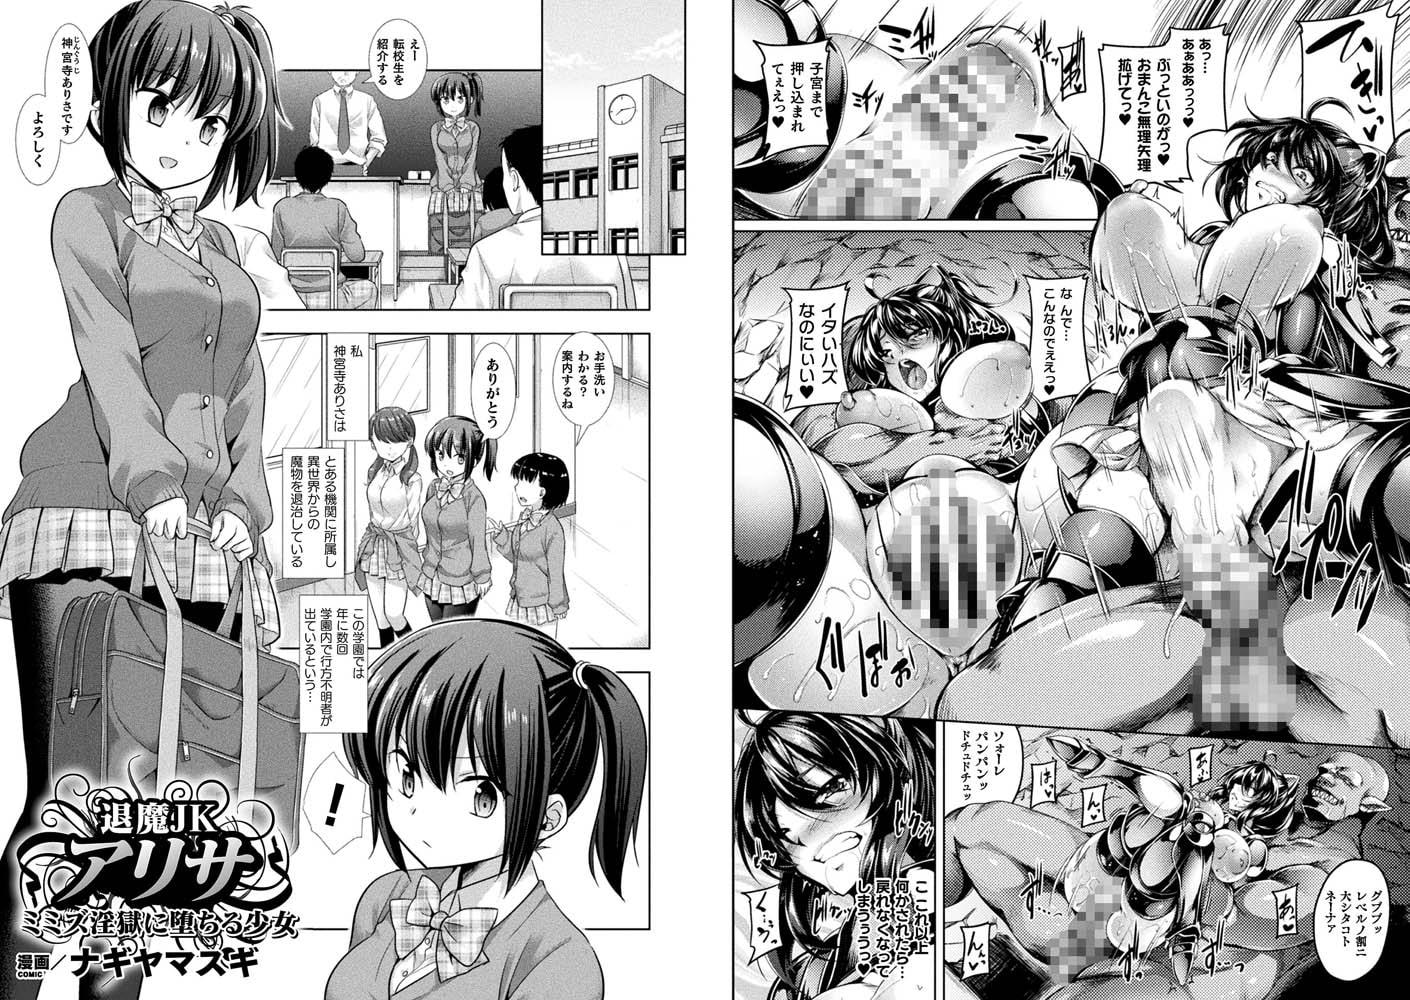 二次元コミックマガジン 弱体化陵辱 成り下がった雑魚ヒロインにヤりたい放題!Vol.2